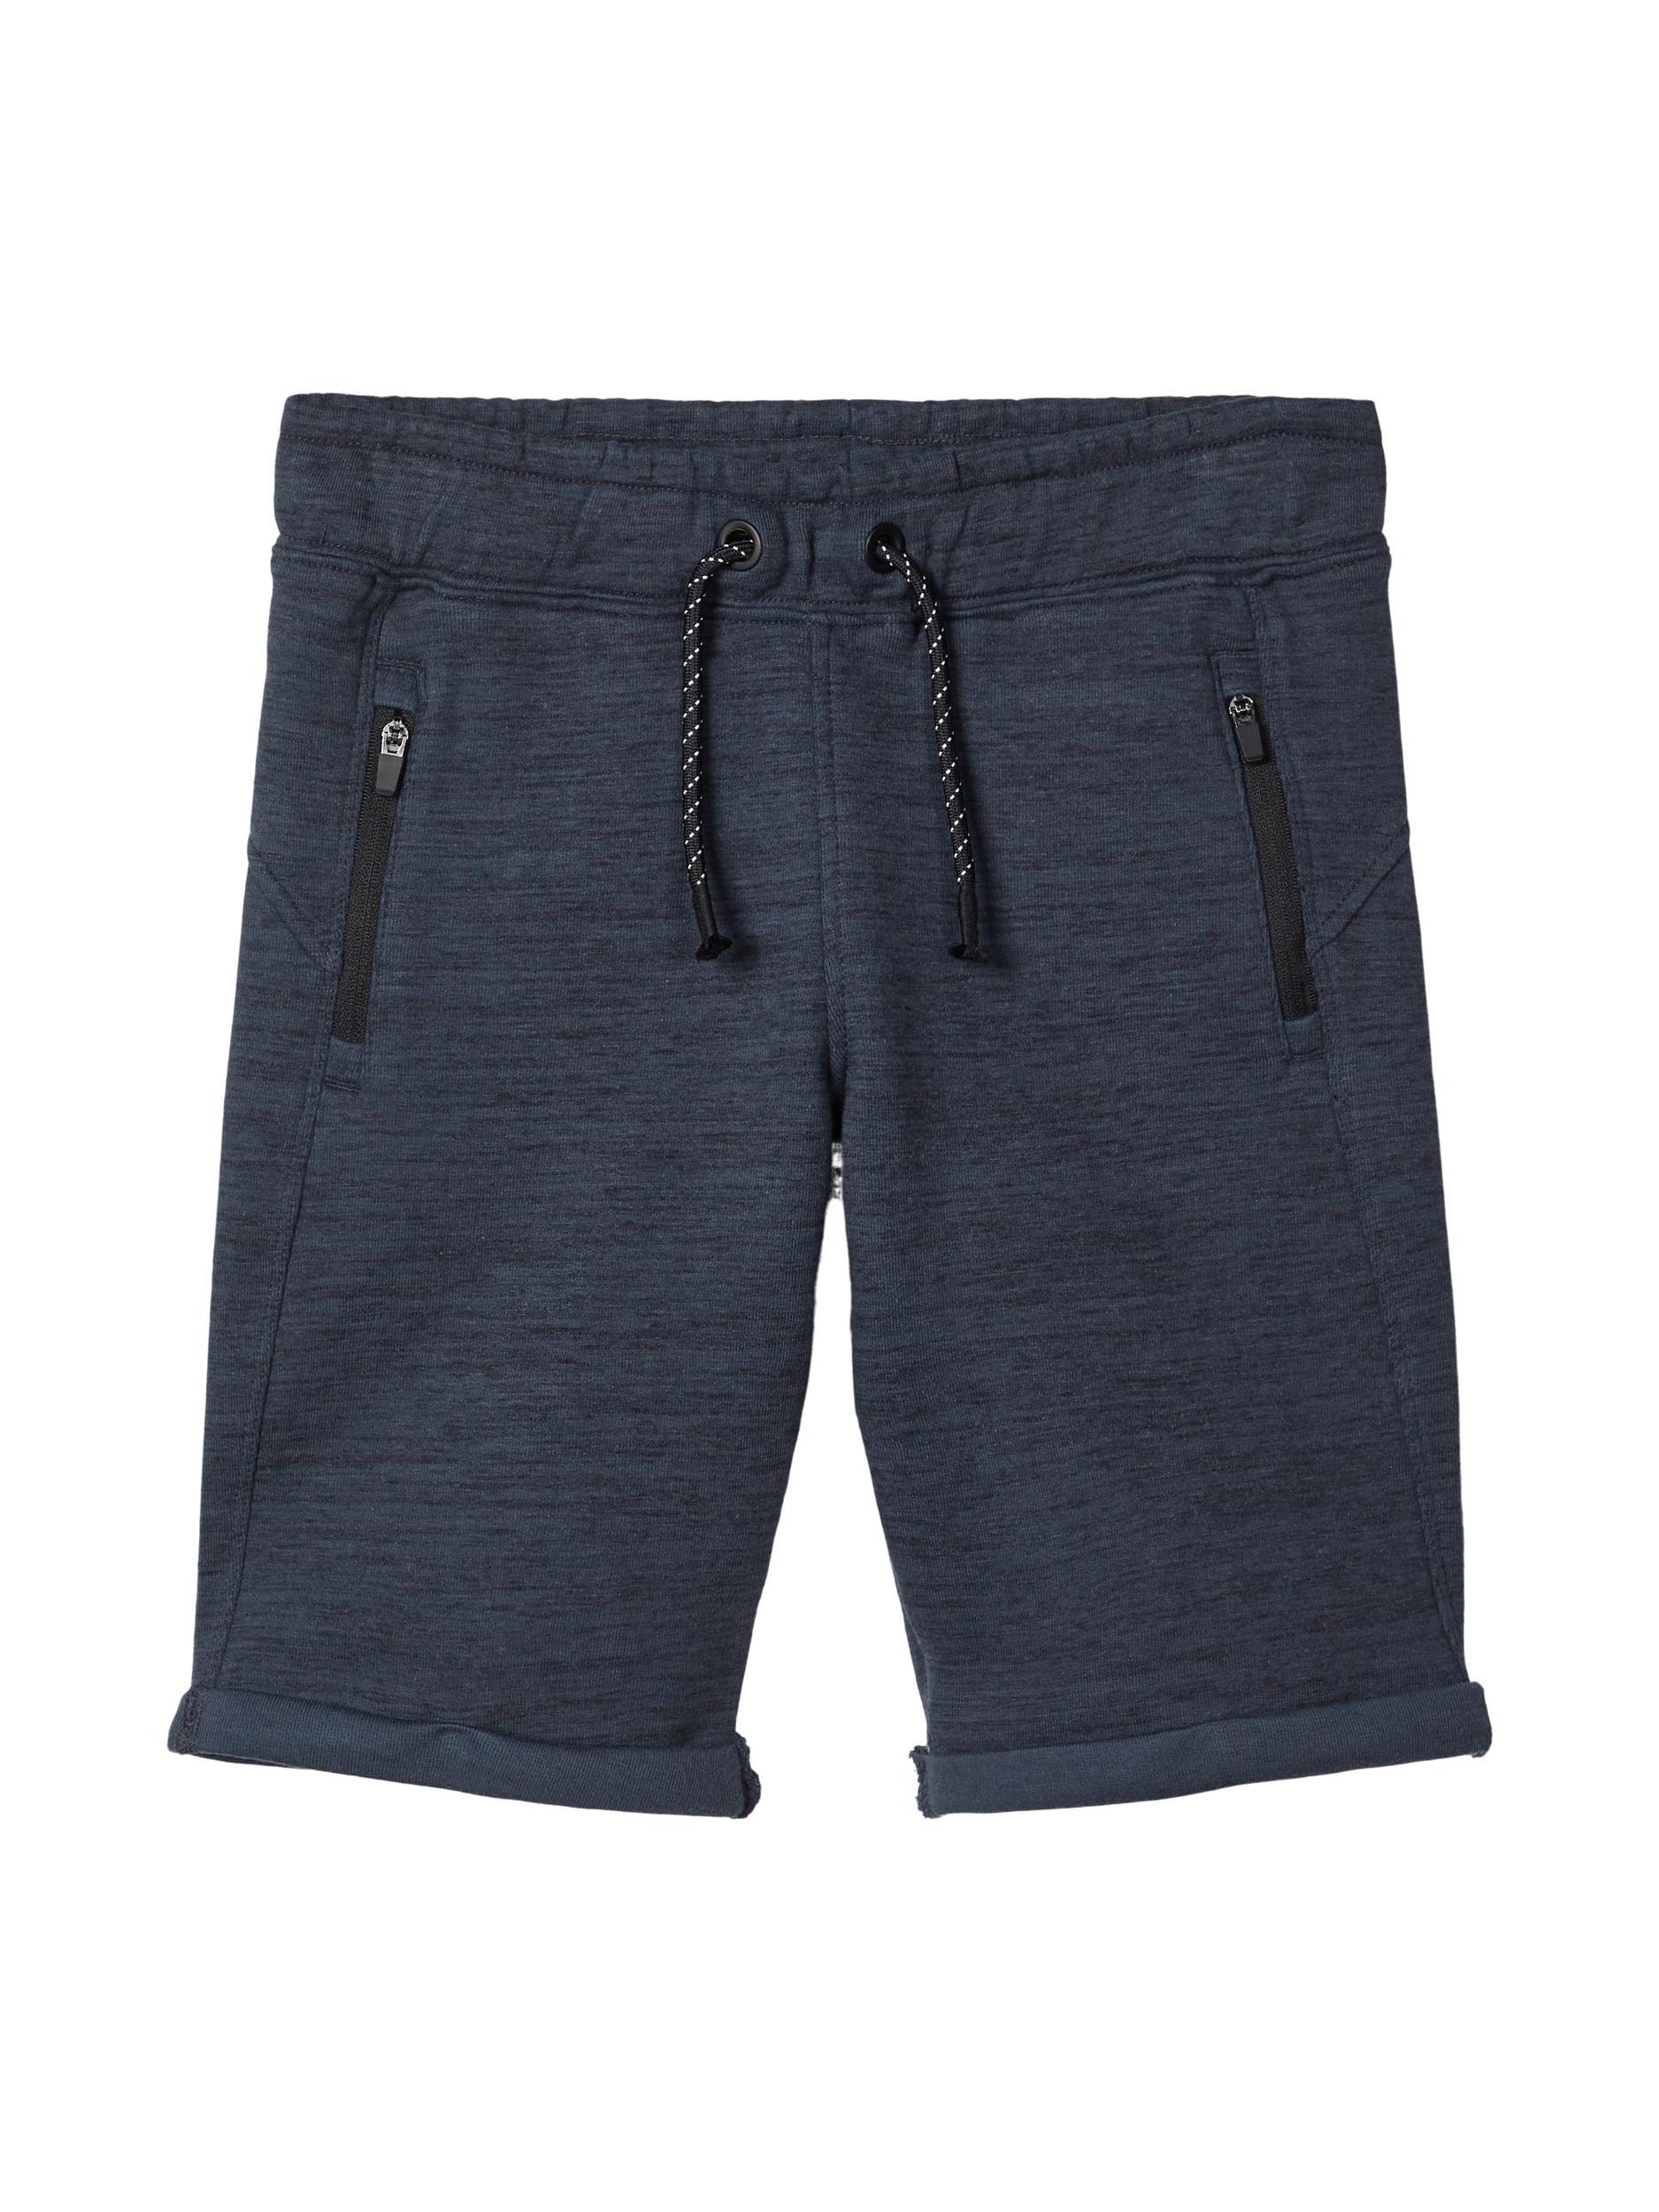 Name It Scottt sweat shorts, dark sapphire, 92